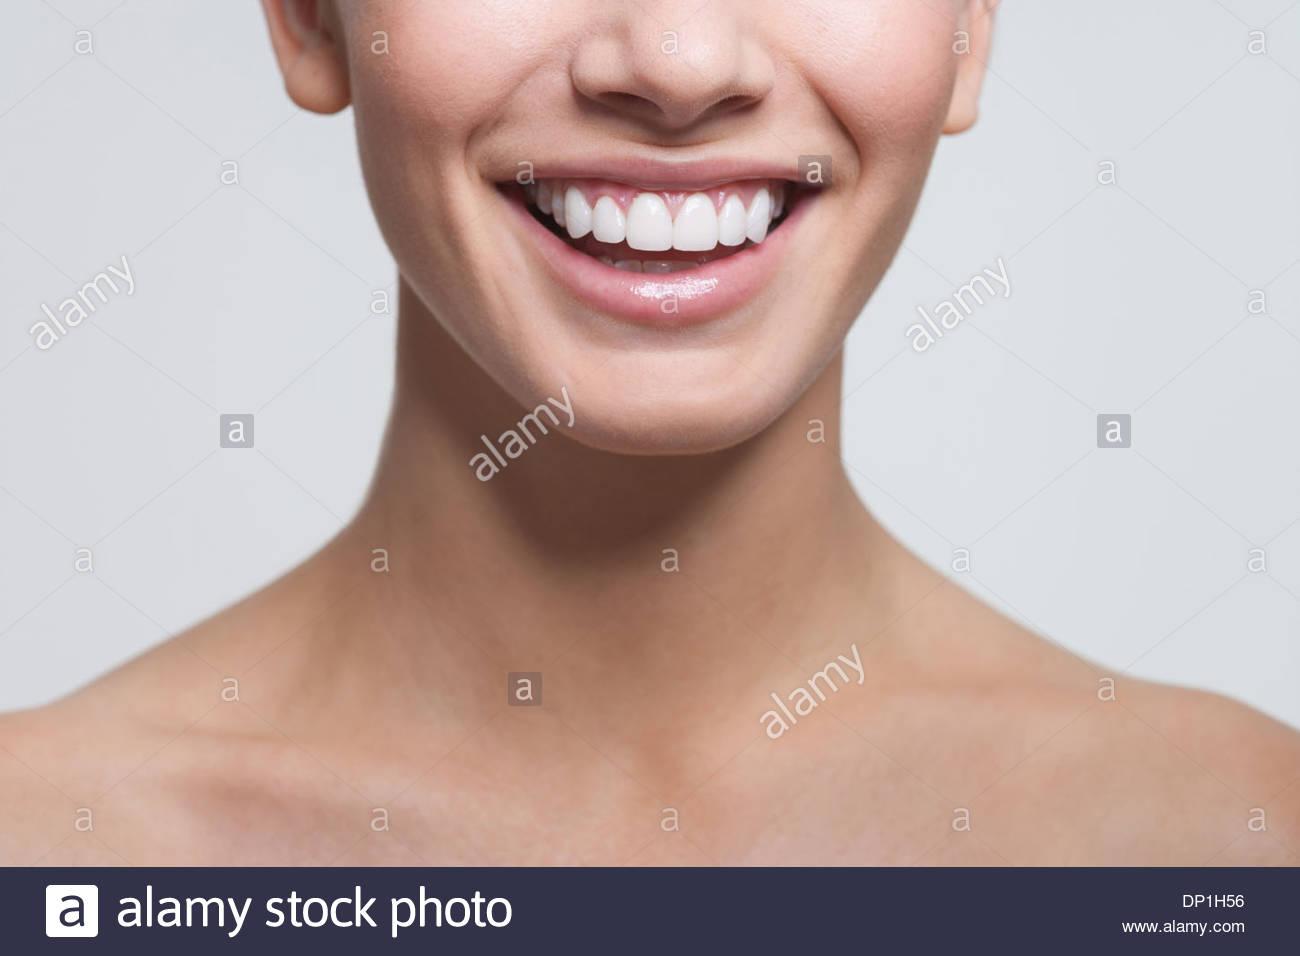 Cerca de la boca de la mujer sonriente Imagen De Stock